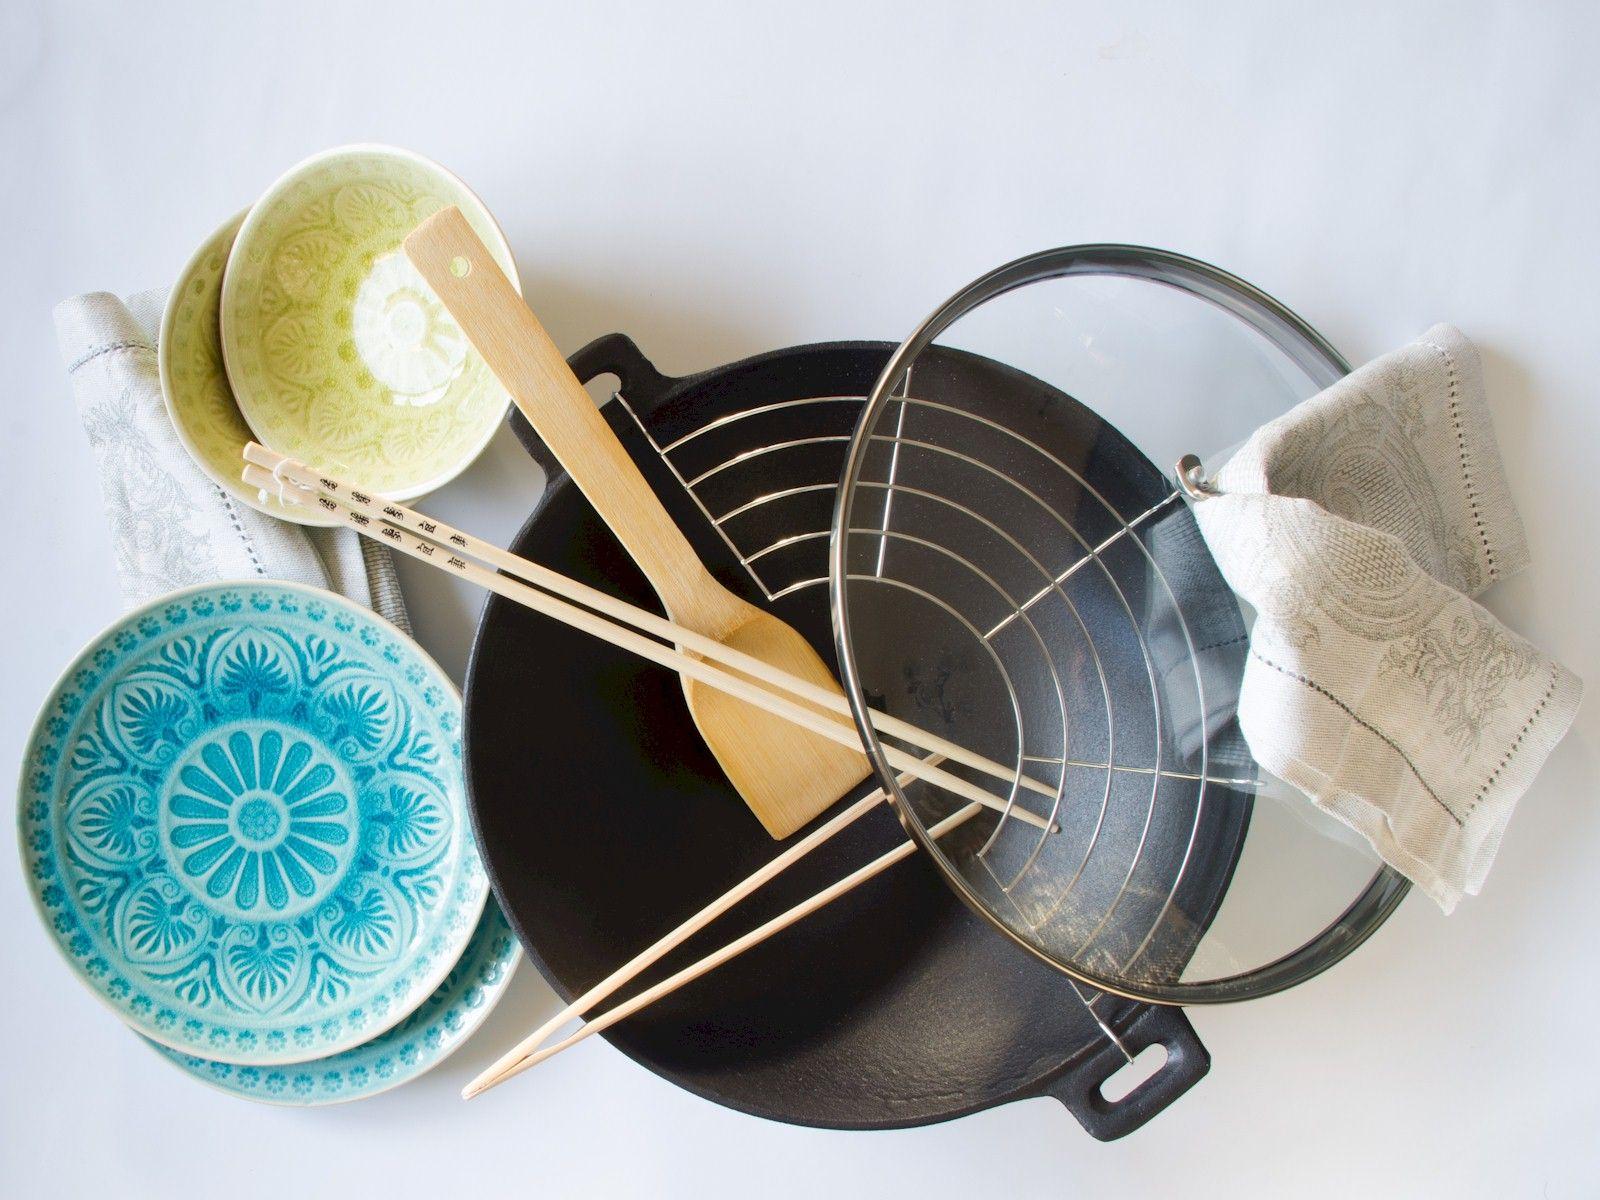 Κέρδισέ το! Μαντεμένιο wok, κρακελέ πιάτα, λινές πετσέτες από τα Butlers. Γλυκόξινο κοτόπουλο σε μαντεμένιο wok - TasteFULL διαγωνισμός ♥ | TasteFULL http://tastefull.gr/content/sweet-sour-chicken-cast-iron-wok